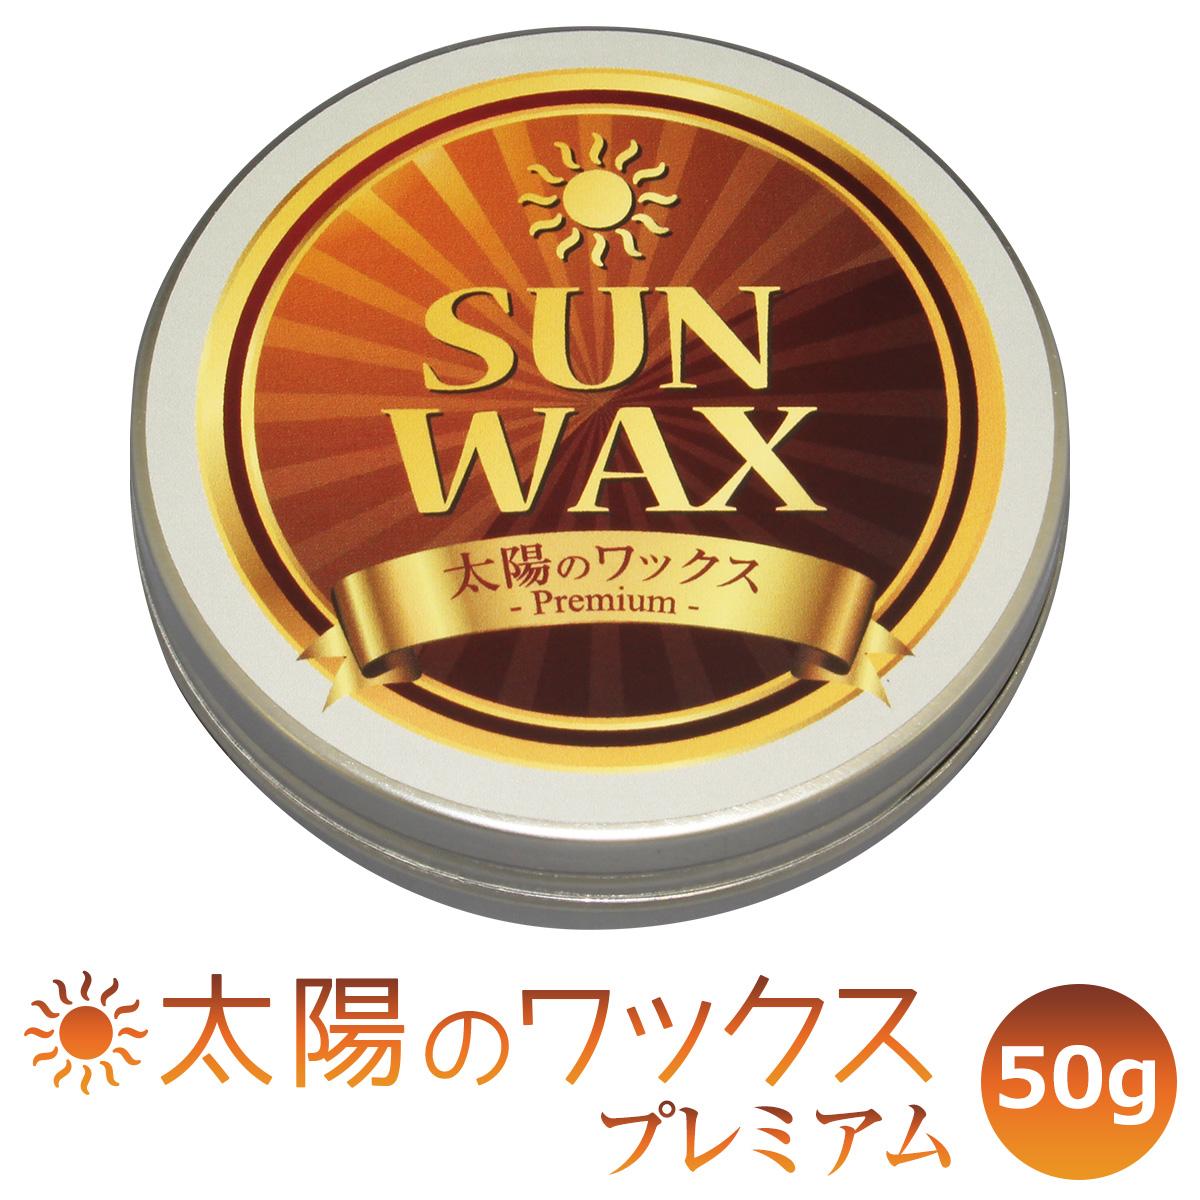 太陽のワックス プレミアム 50g